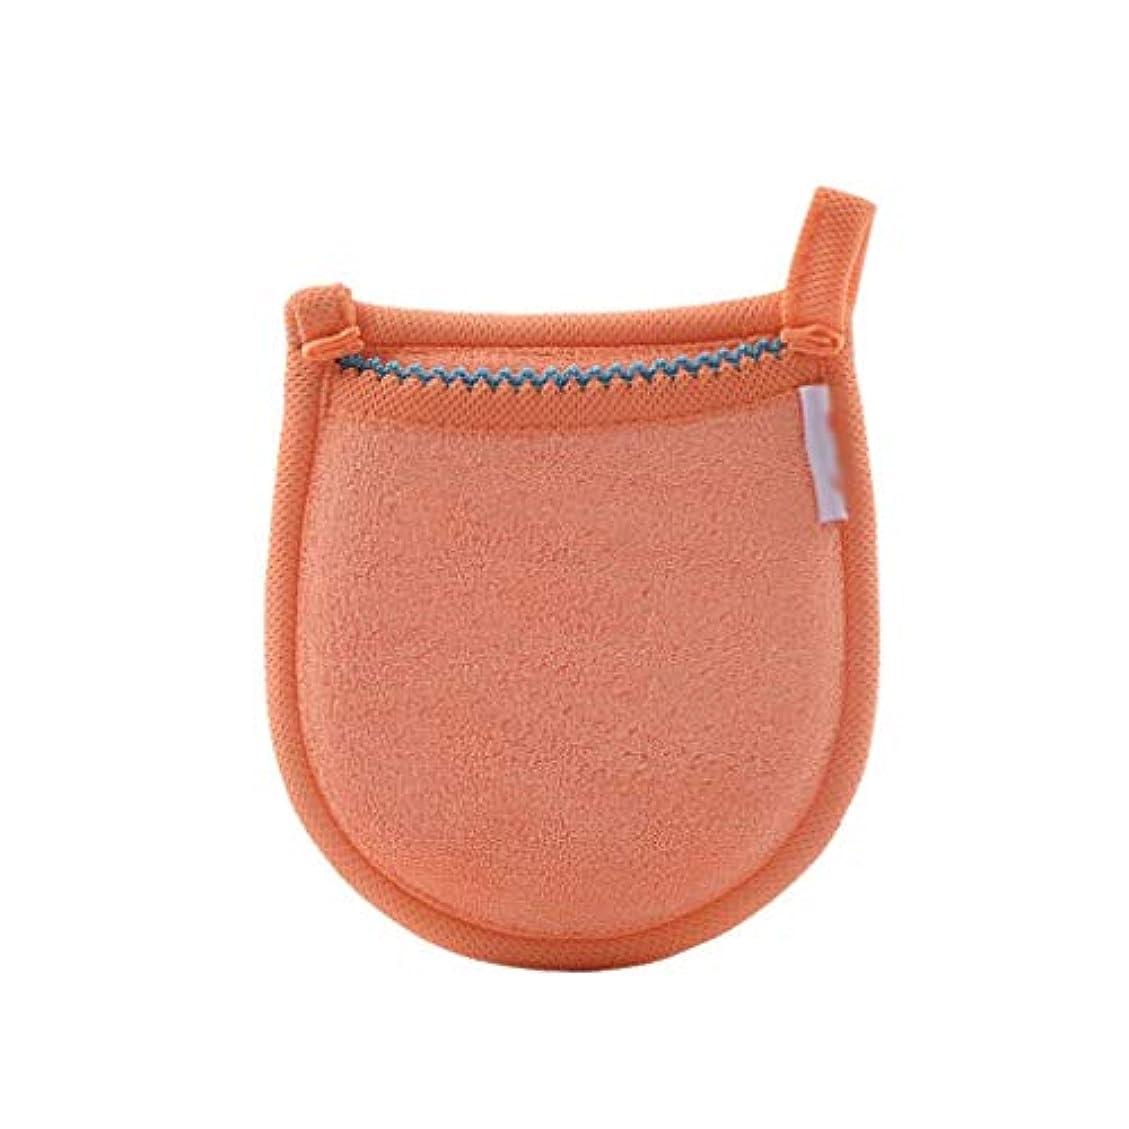 待って矛盾するめまいが1ピースフェイシャル竹炭スポンジフェイスメイク落とし美容再利用可能なフェイスタオルクリーニンググローブ洗濯メイクアップツール (Color : Orange)